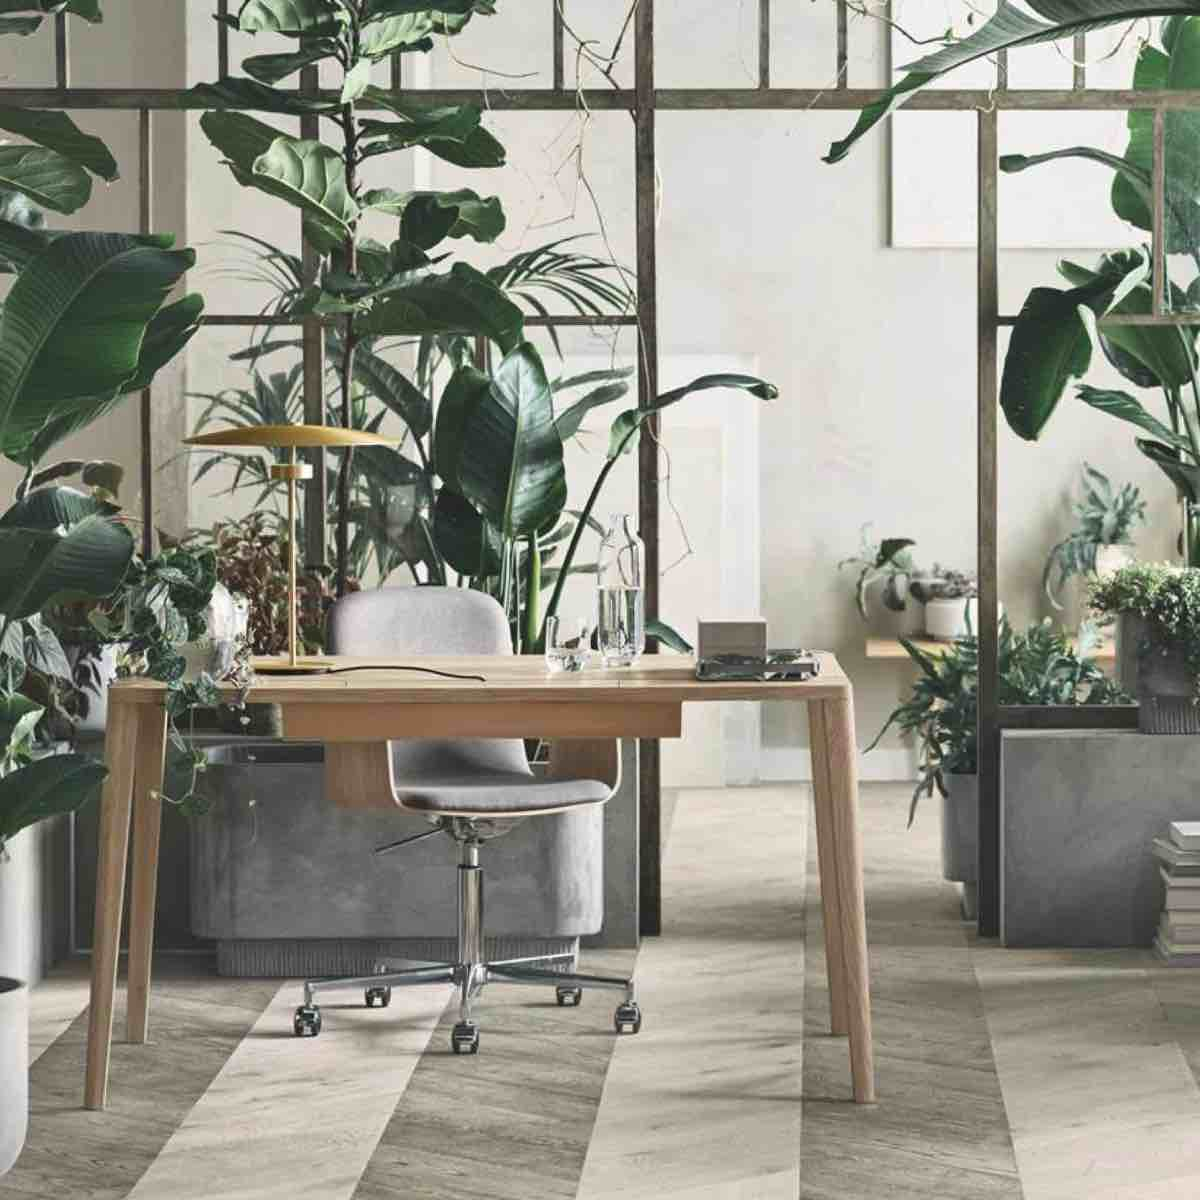 Bolia Ninove thuiswerken bureaustoelen